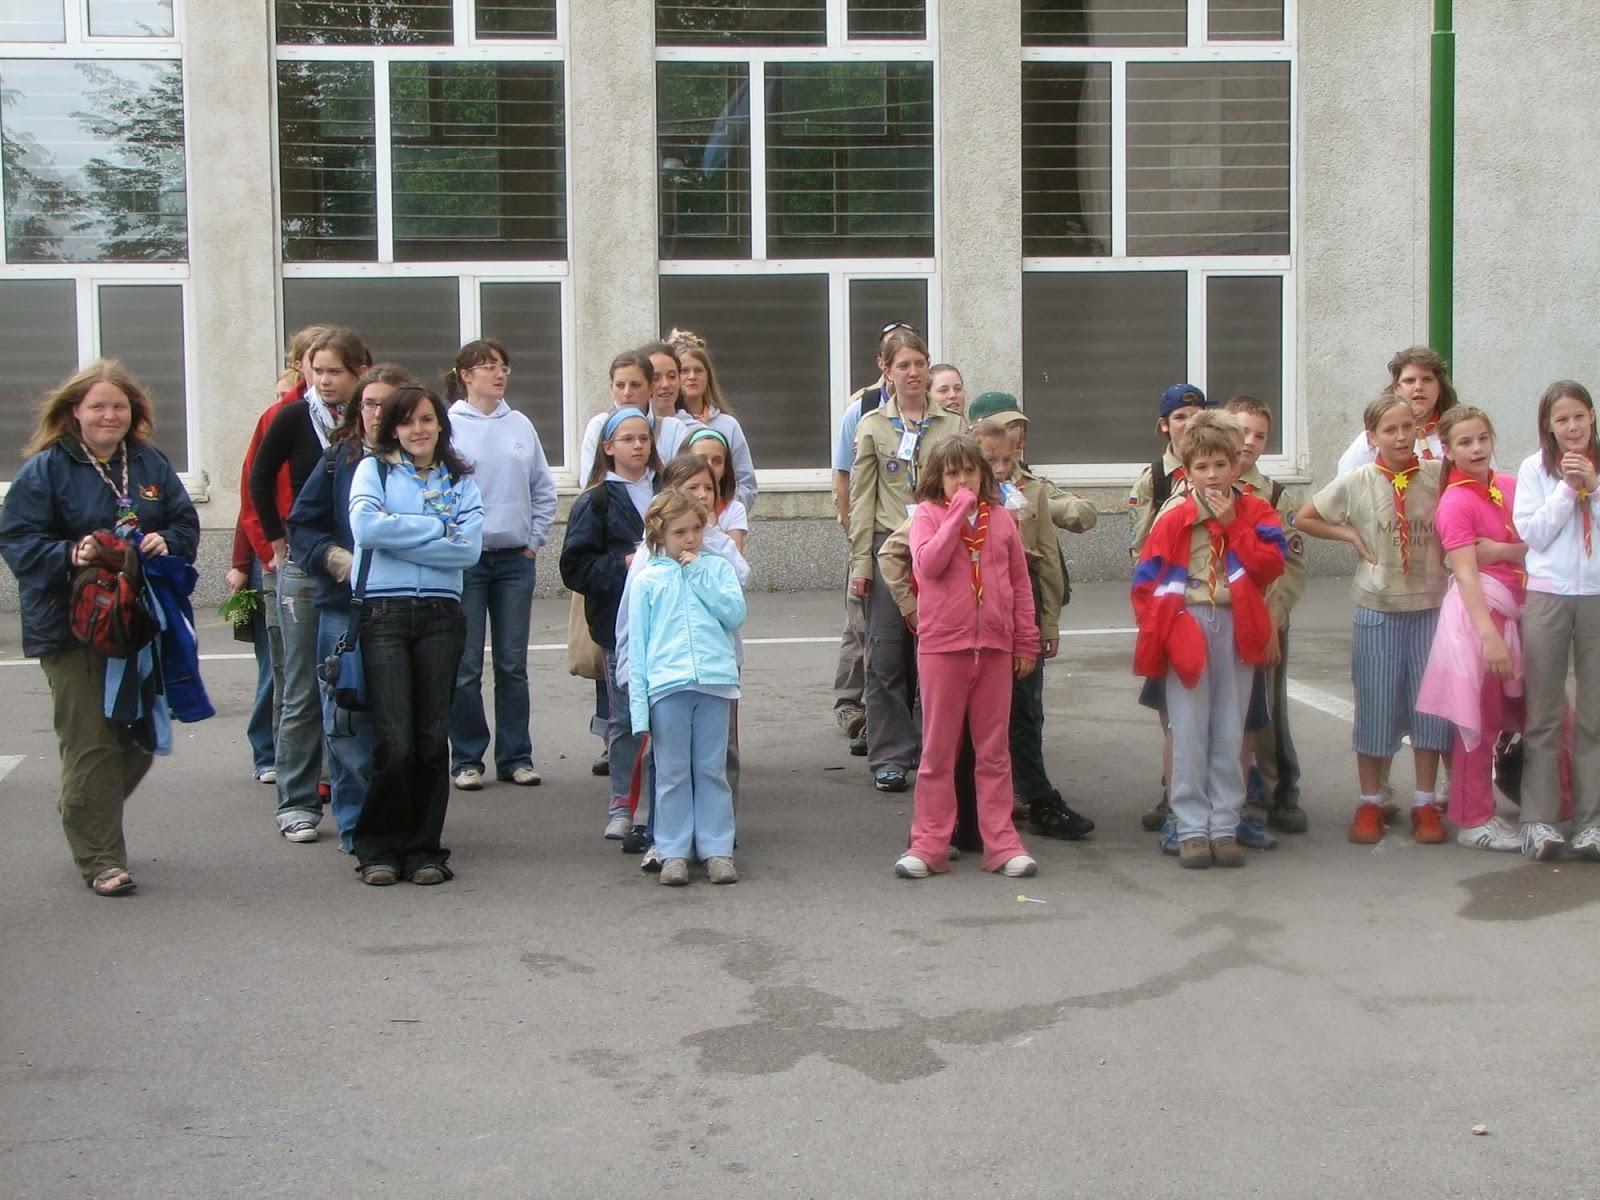 Področni mnogoboj MČ, Ilirska Bistrica 2006 - pics%2B130.jpg